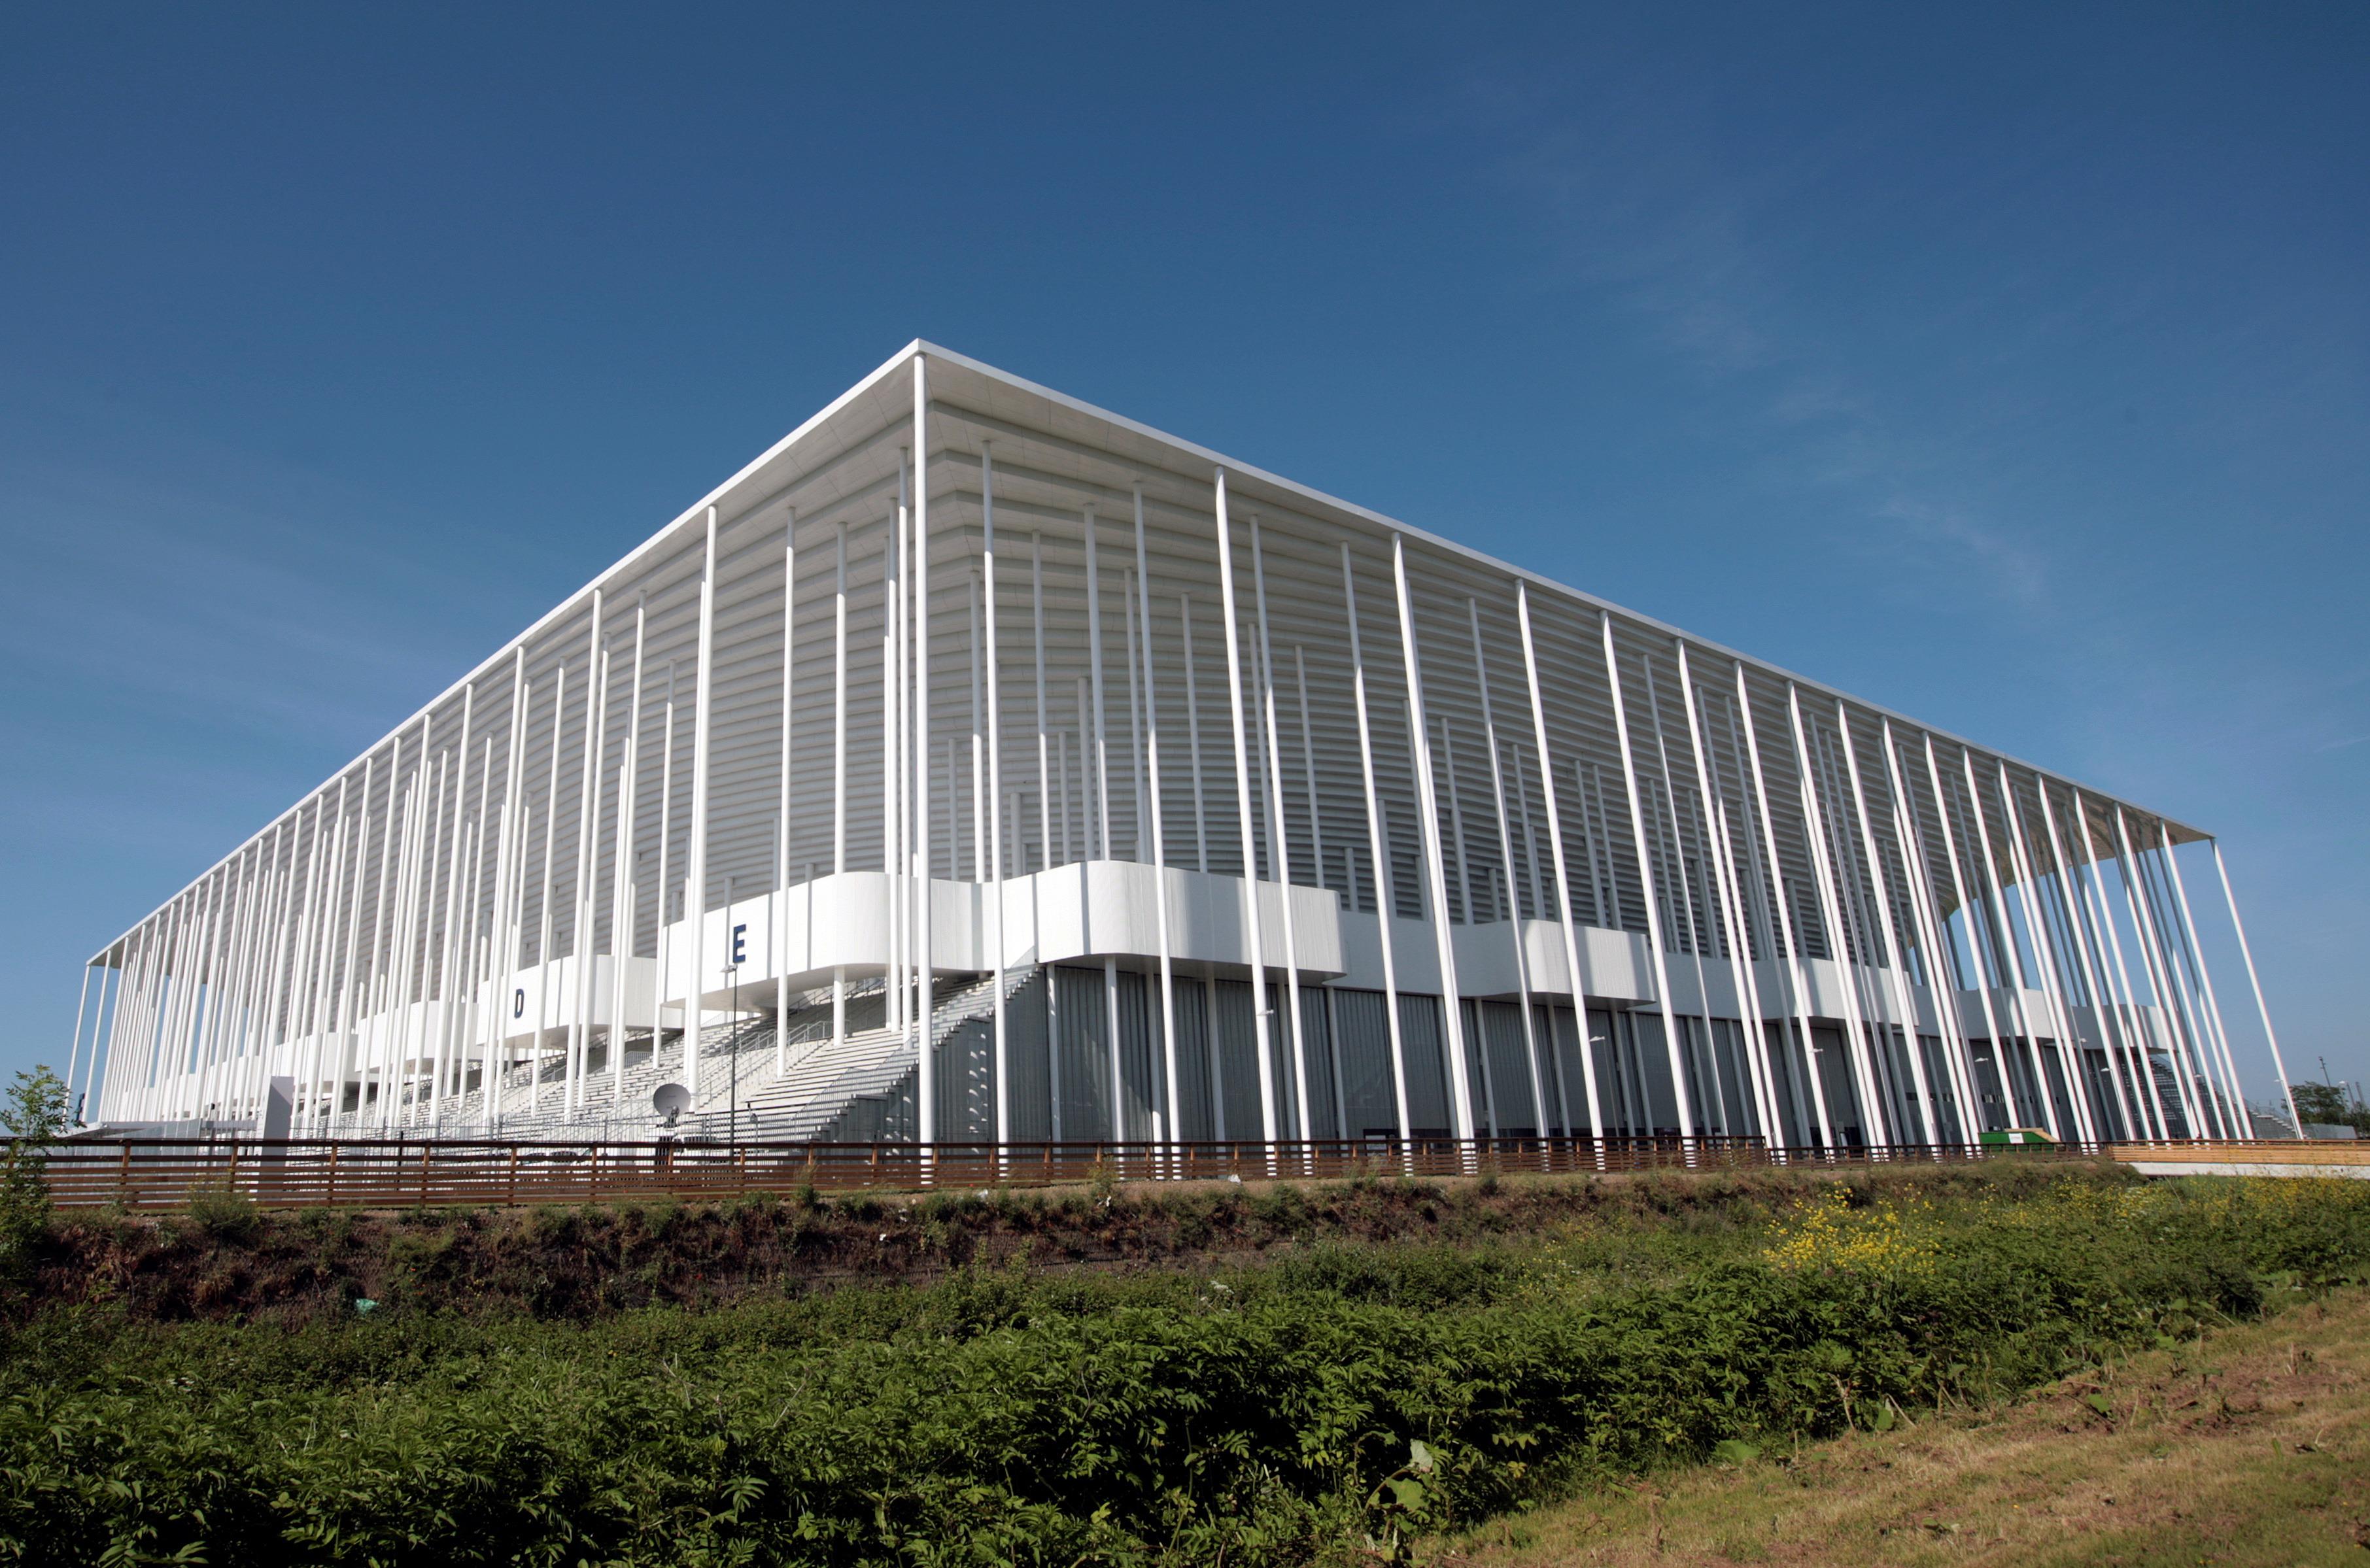 Noveau Stade de Bordeaux